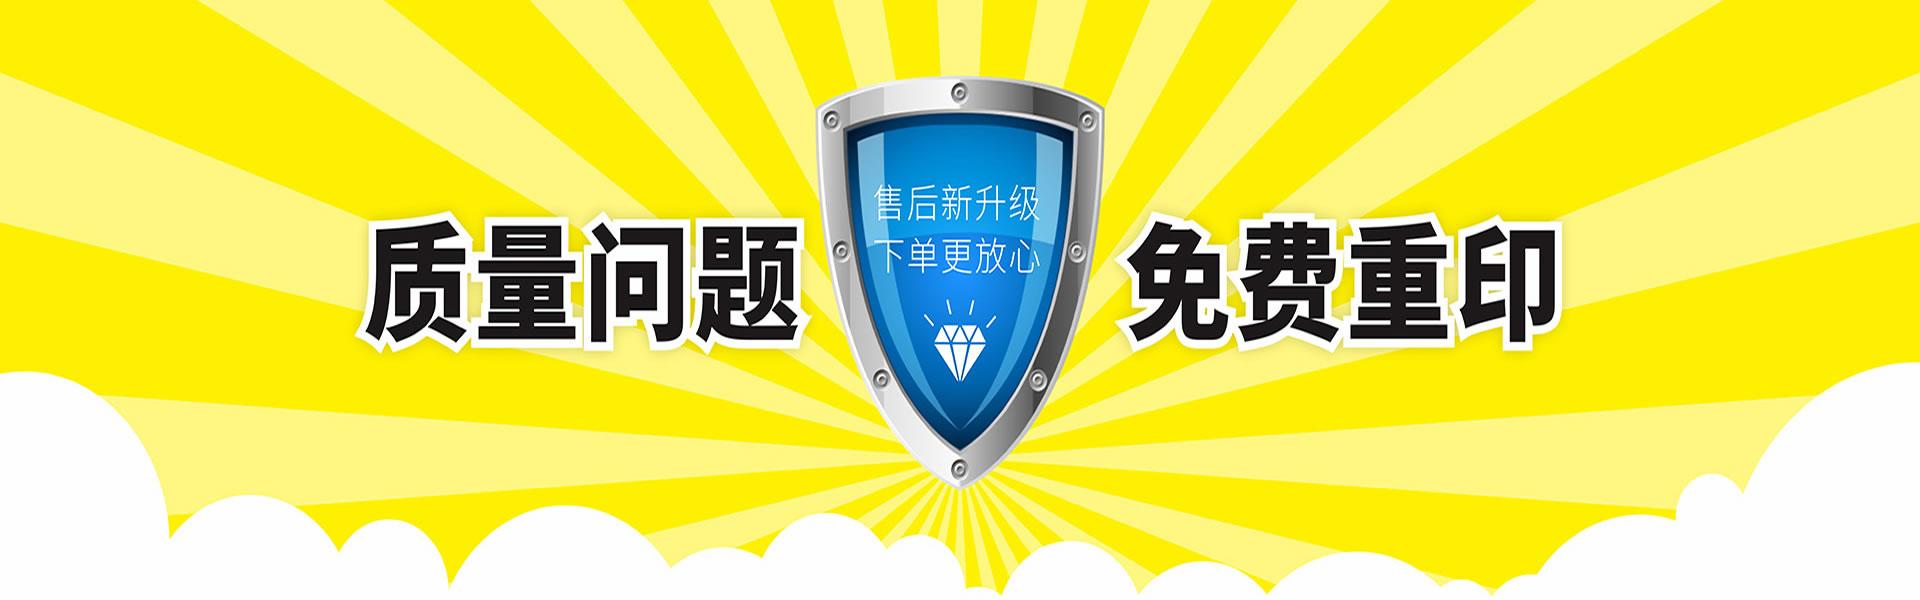 北京快乐8网站-首页_Welcomeoxgy_不干胶标签生产厂家